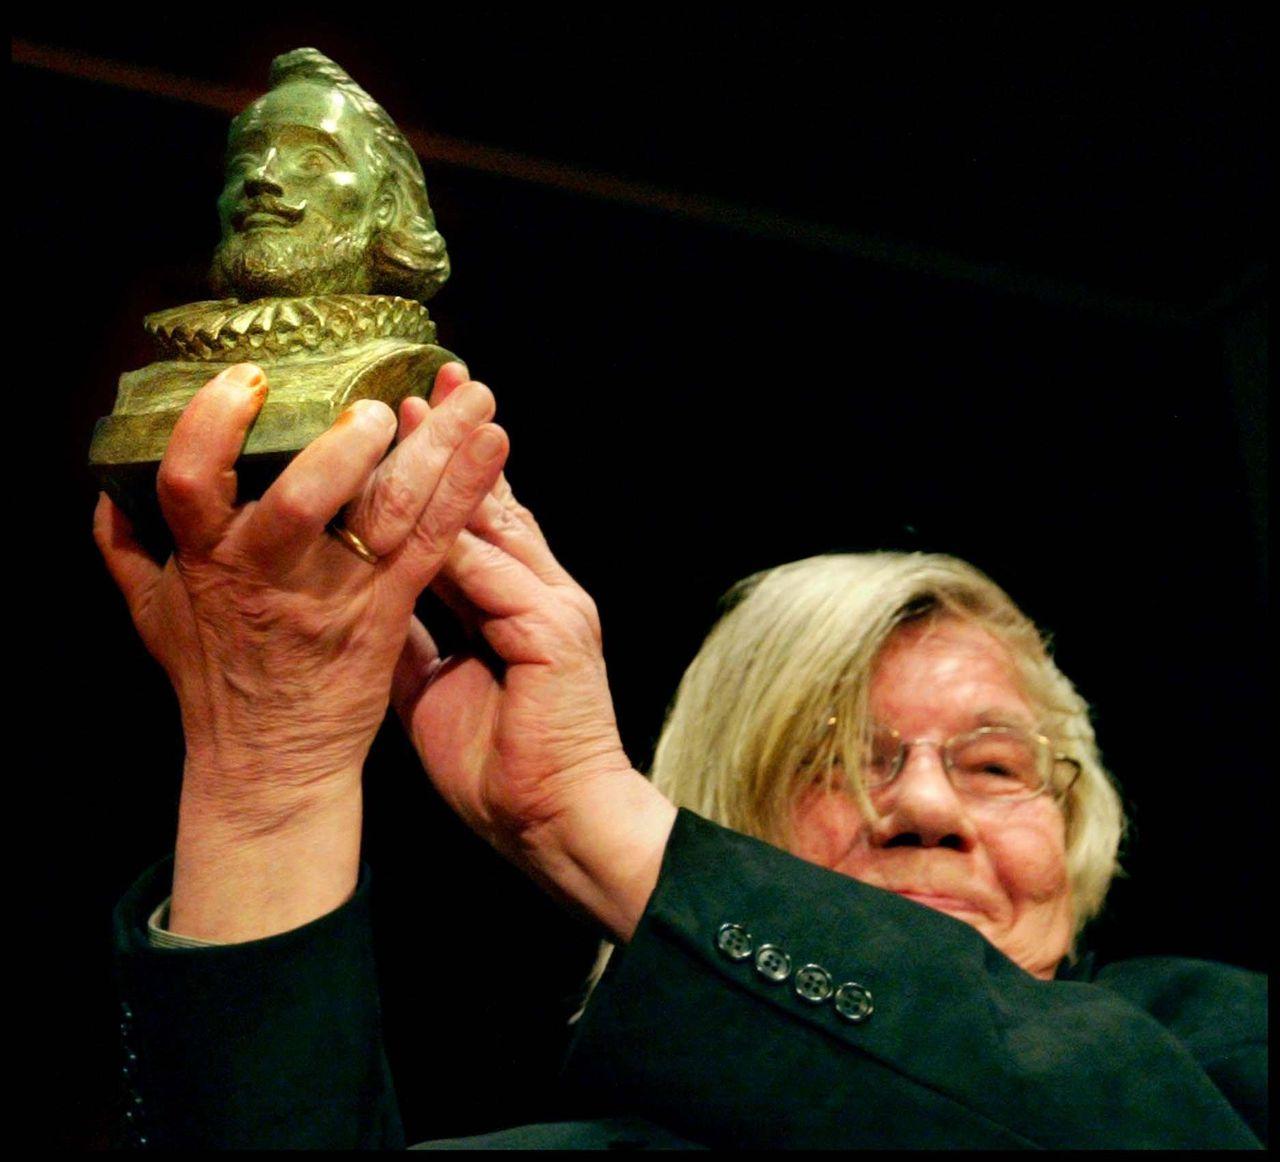 Dichter H.H. ter Balkt in 2003 met de PC Hooftprijs.